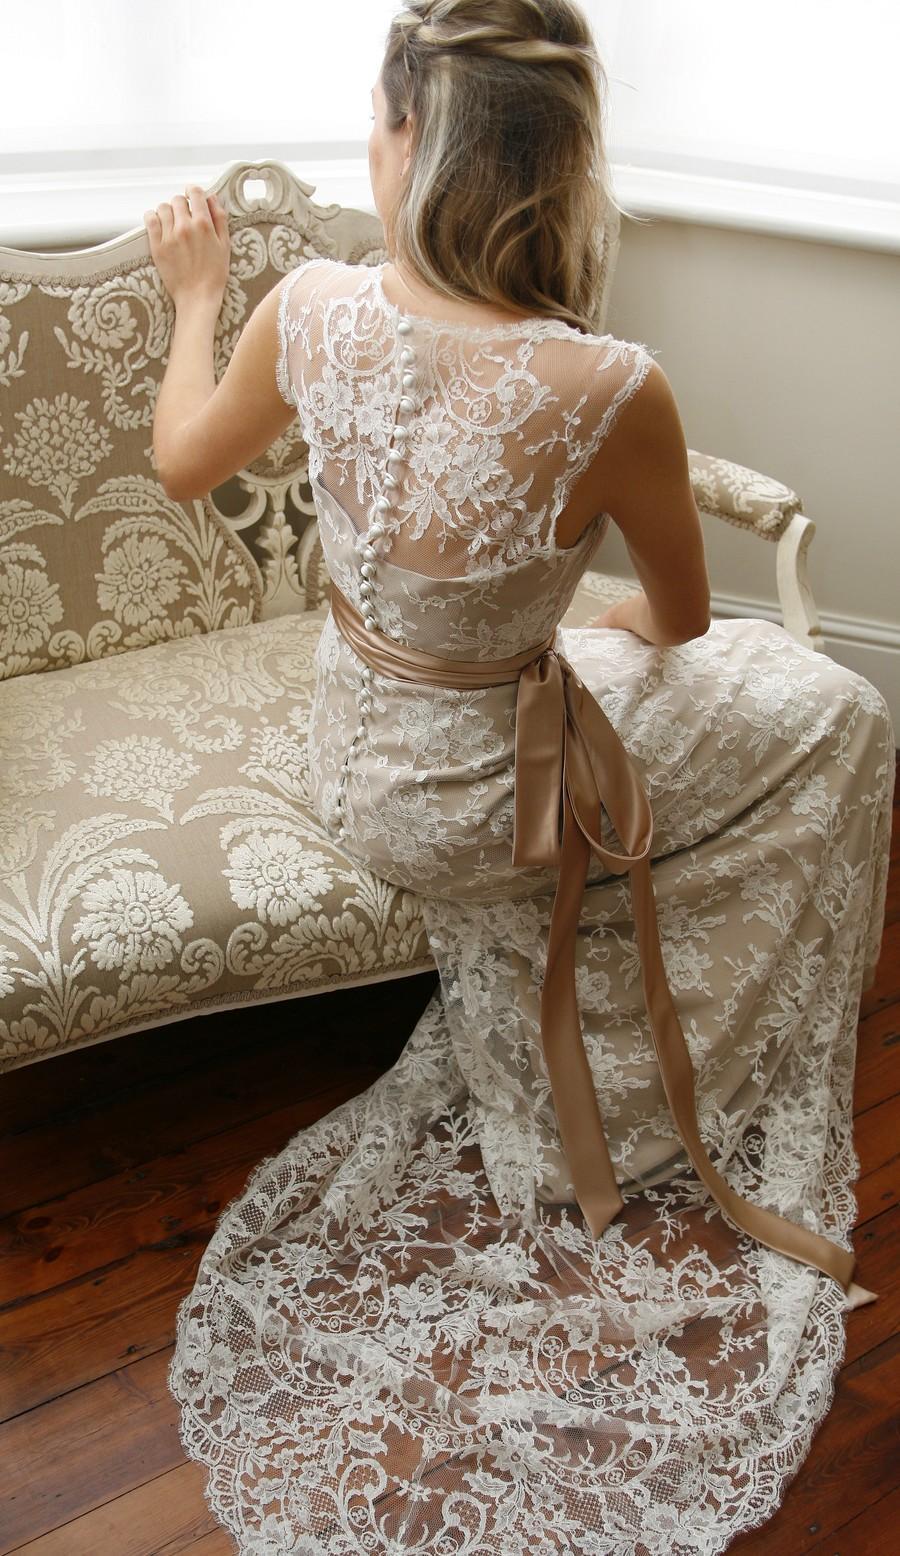 زفاف - جولييت عودة الرباط Poyser زر فستان الزفاف